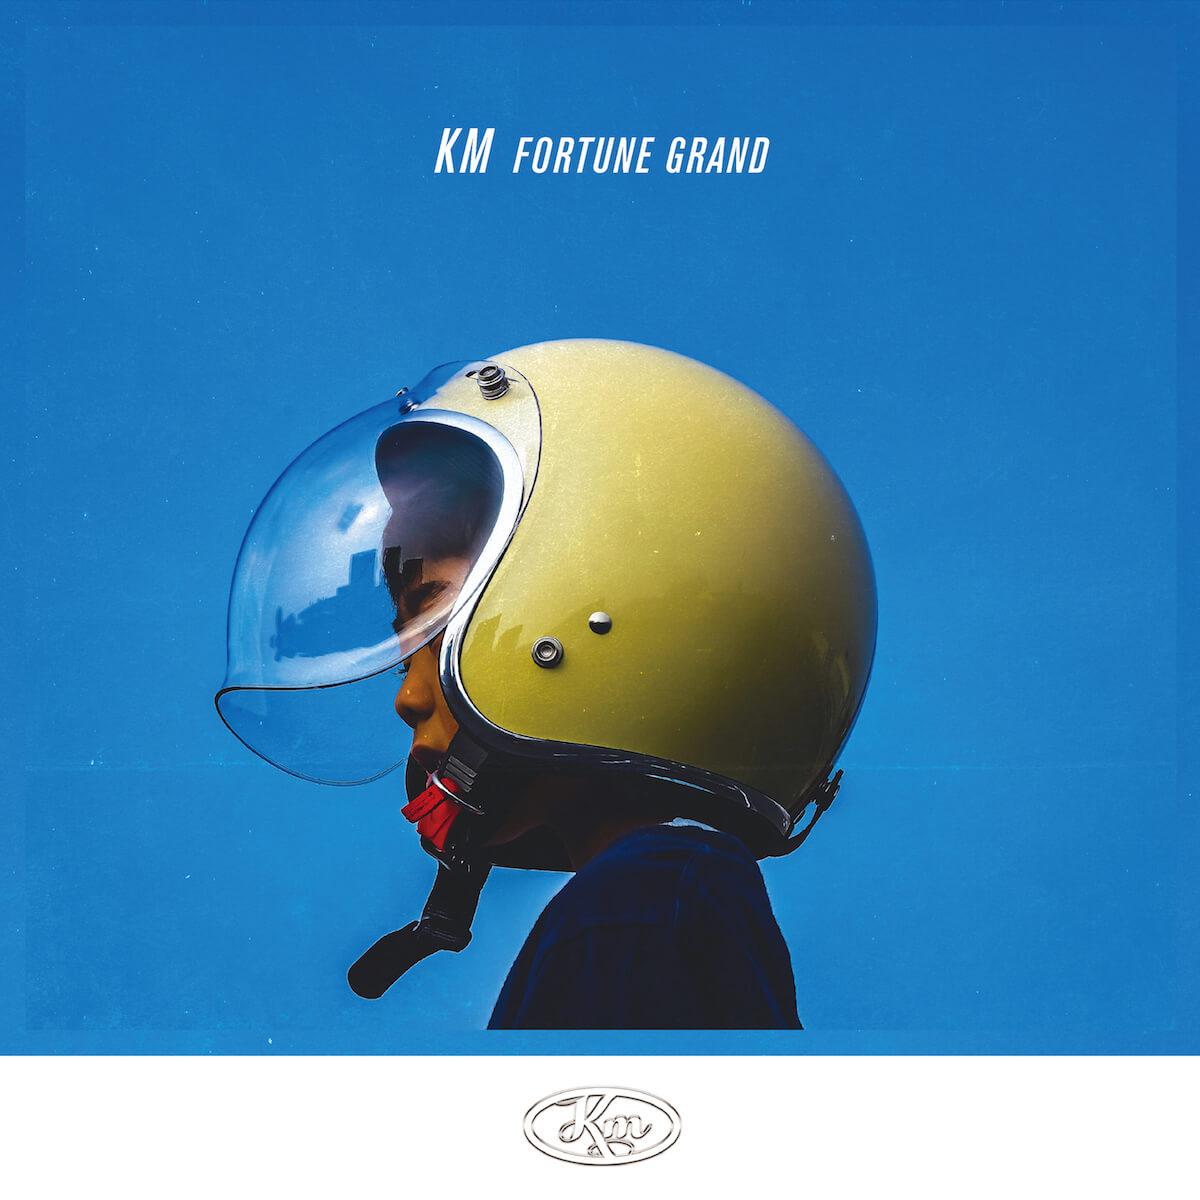 kiLLa、BAD HOP、KANDYTOWNら手がけるプロデューサーKMが1stアルバムをリリース music180809-kmmusic-2